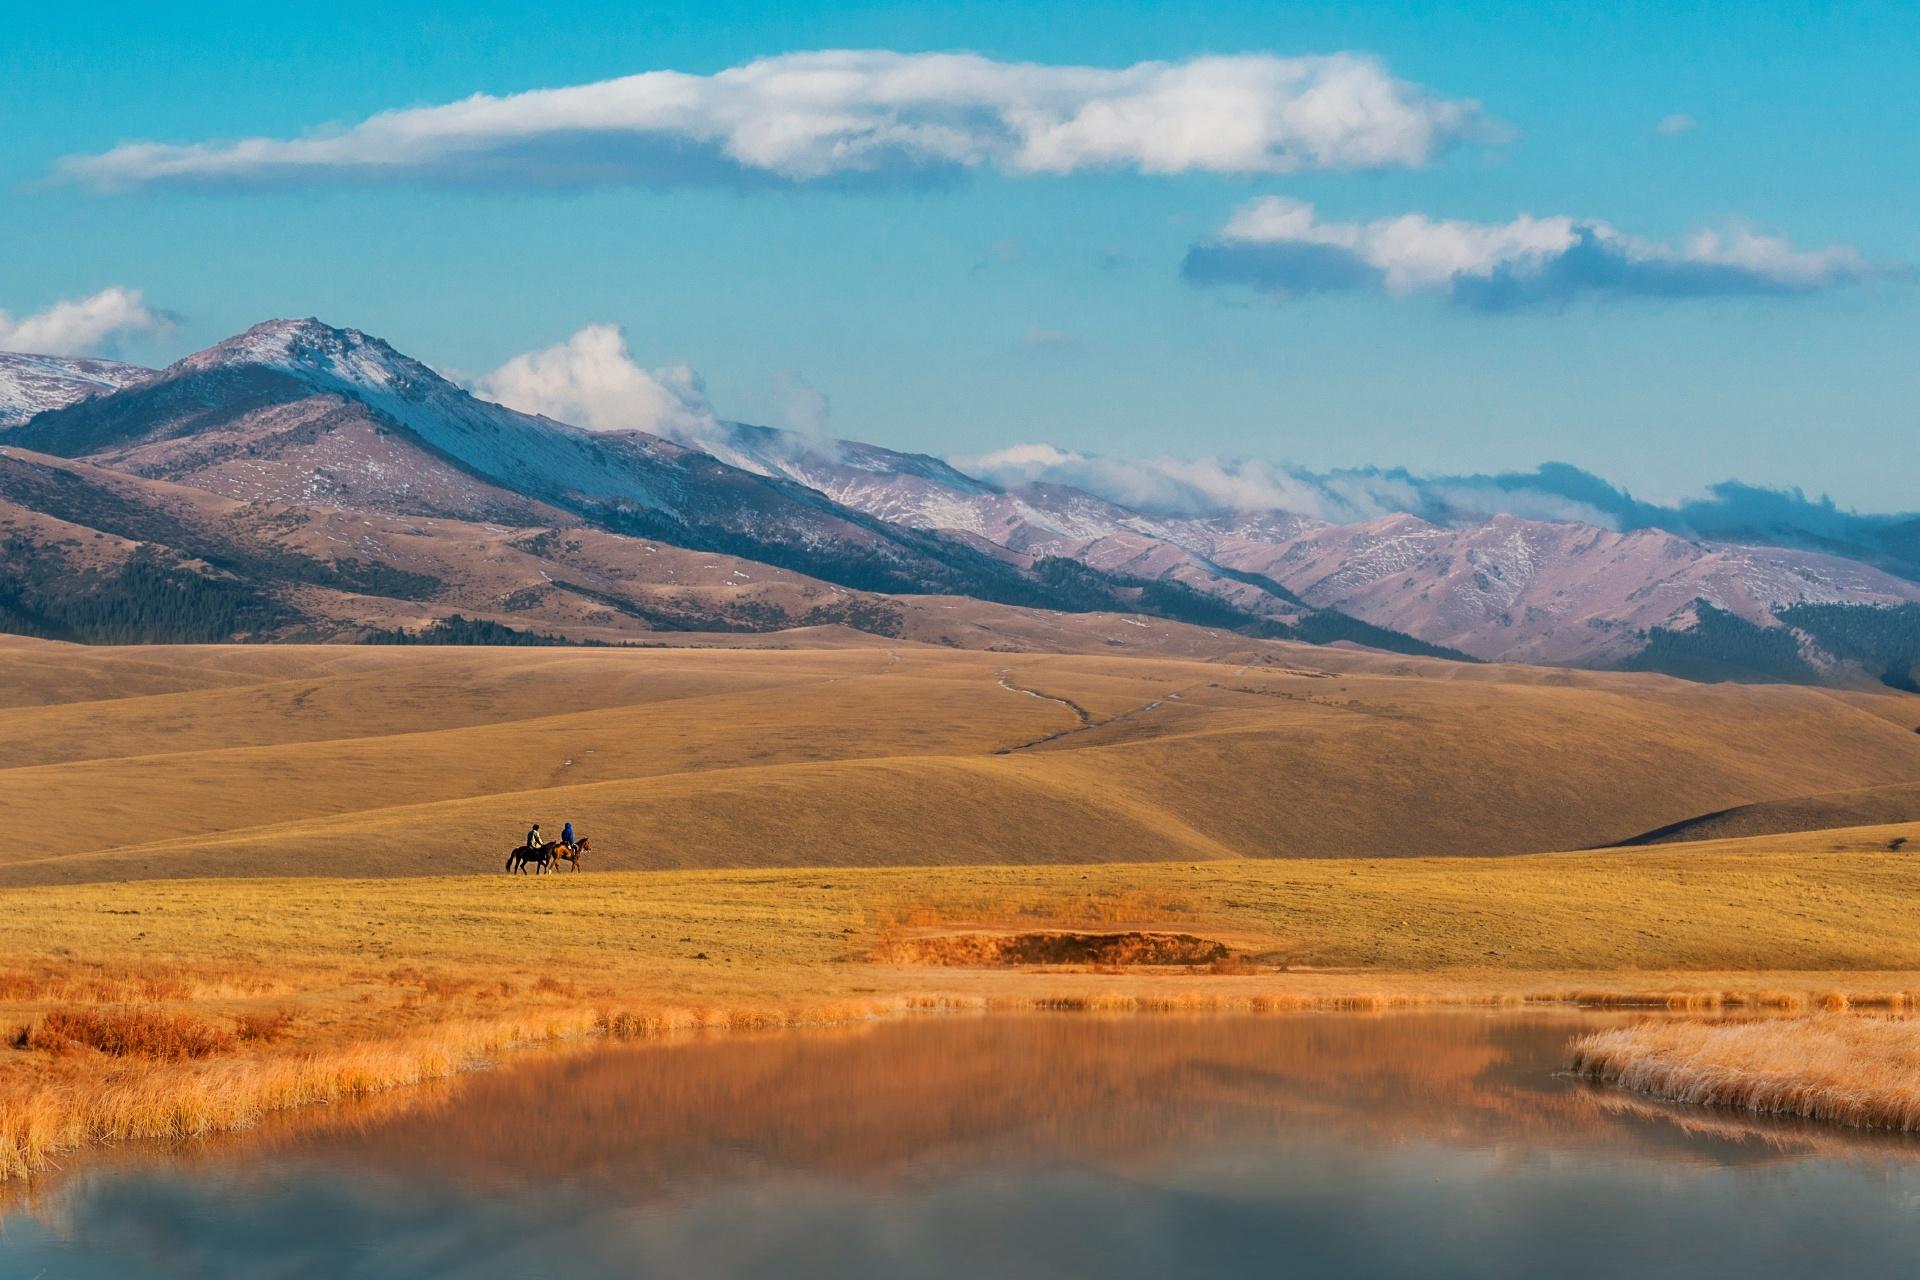 イリ・アラタウ山脈の風景 カザフスタンの風景